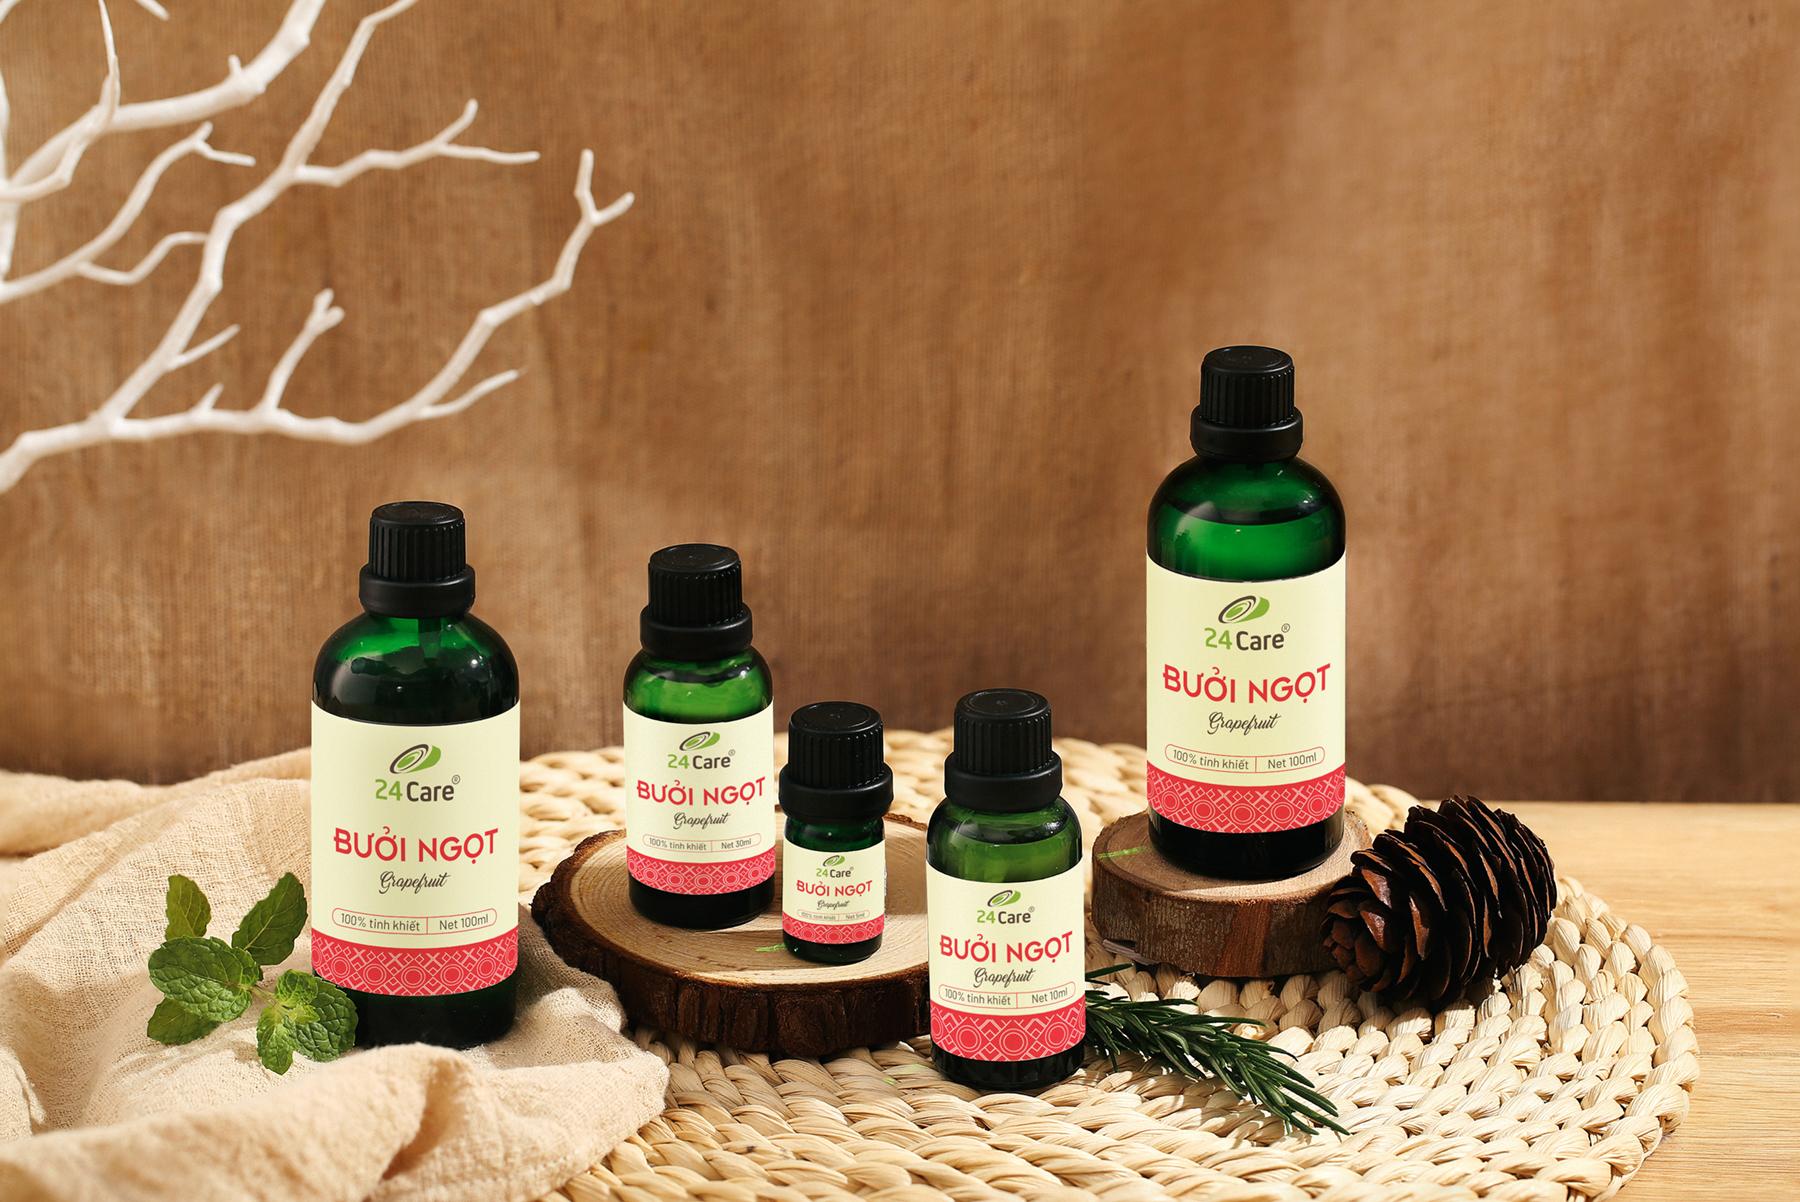 Tinh dầu Bưởi Úc 24Care 100ML - Chiết xuất thiên nhiên, khử mùi, thơm phòng, thư giãn tinh thần.